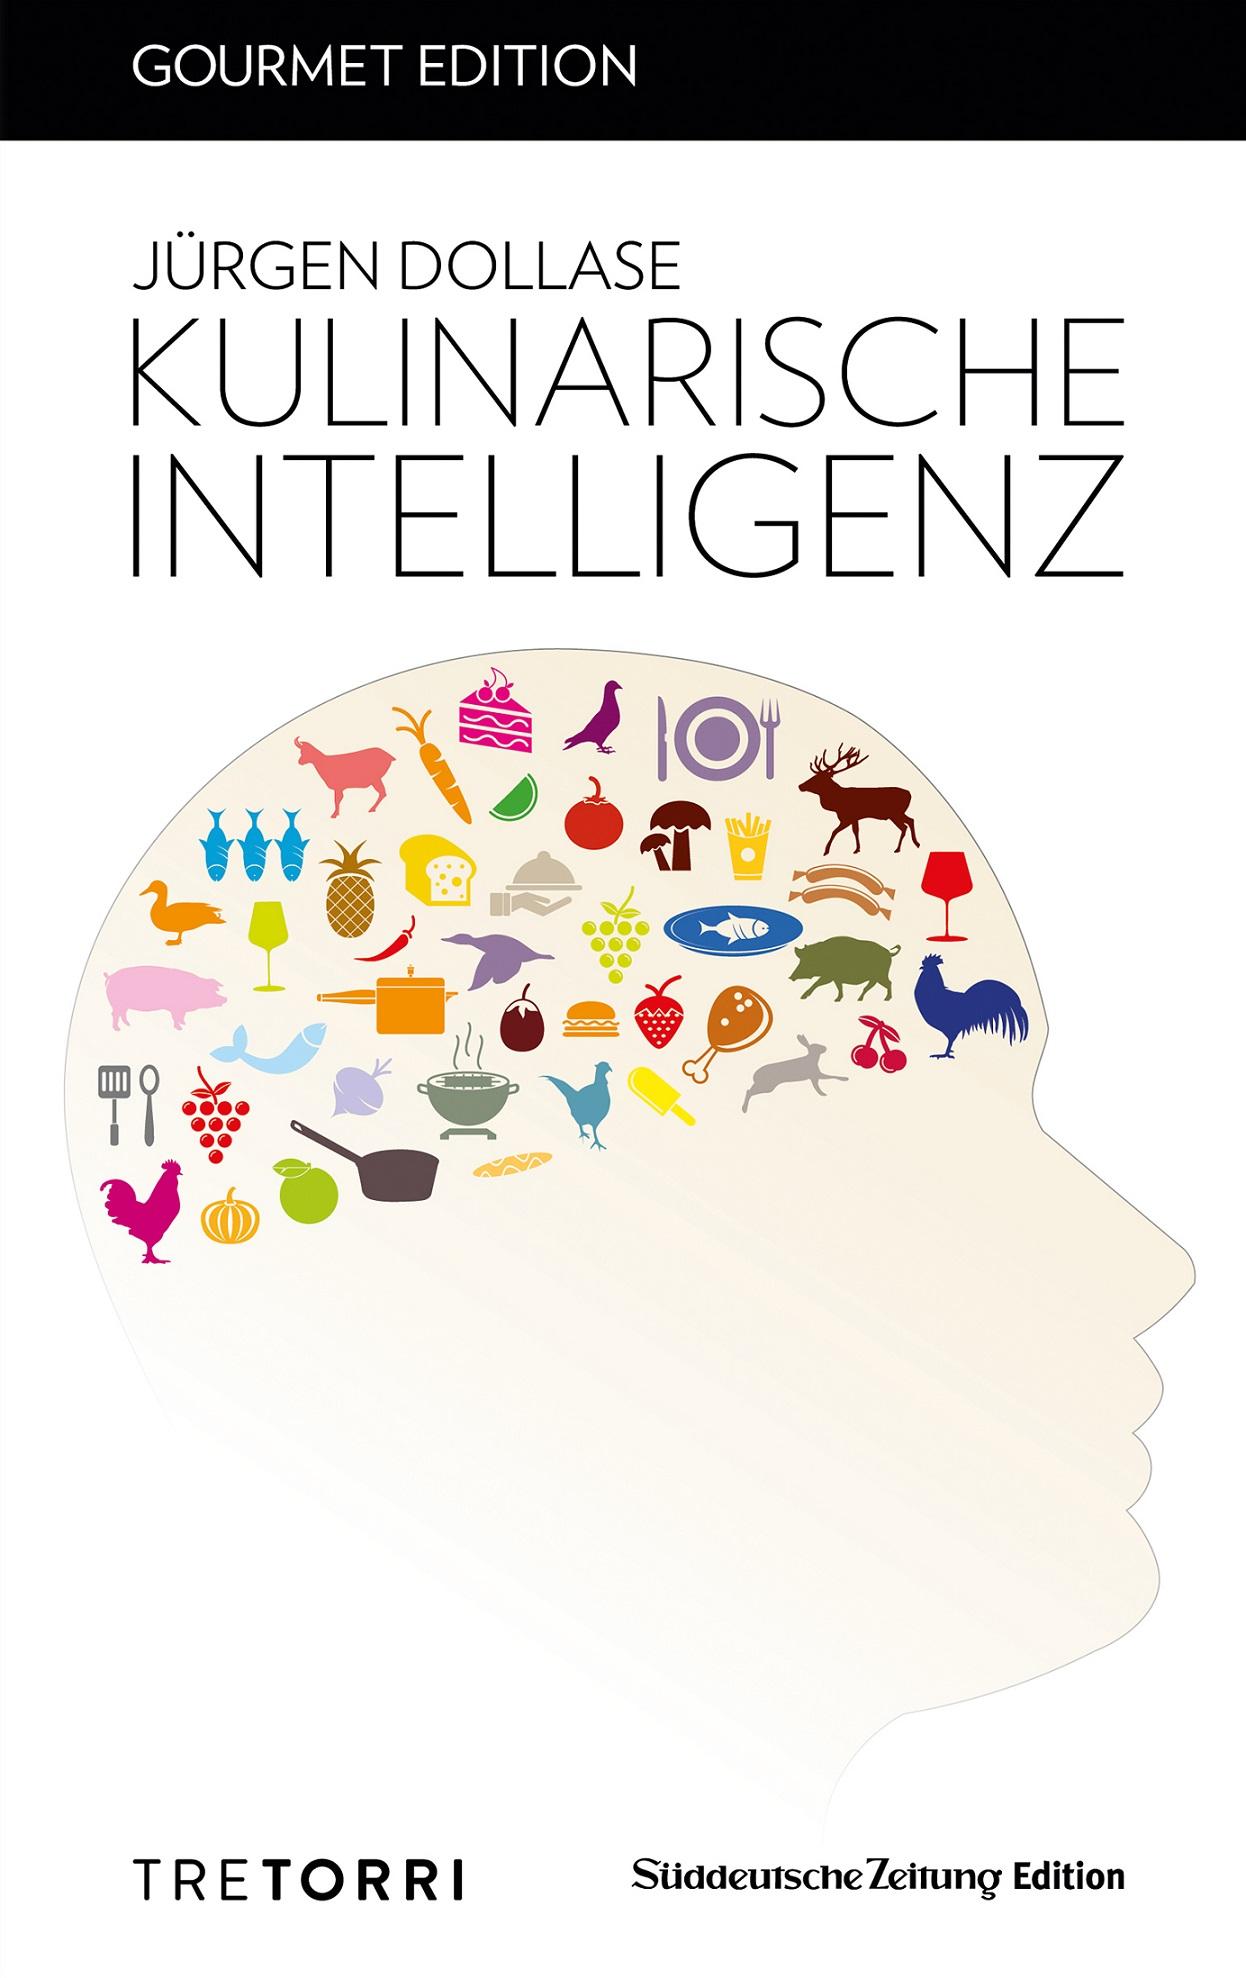 Jürgen Dollases U201eBeitrag Zur Kulinarischen Bildungu201c Aus Dem Jahr 2006 Wird  Gerade Im Tre Torri Verlag Im Rahmen Der U201eSüddeutsche Zeitung Gourmet  Editionu201c ...